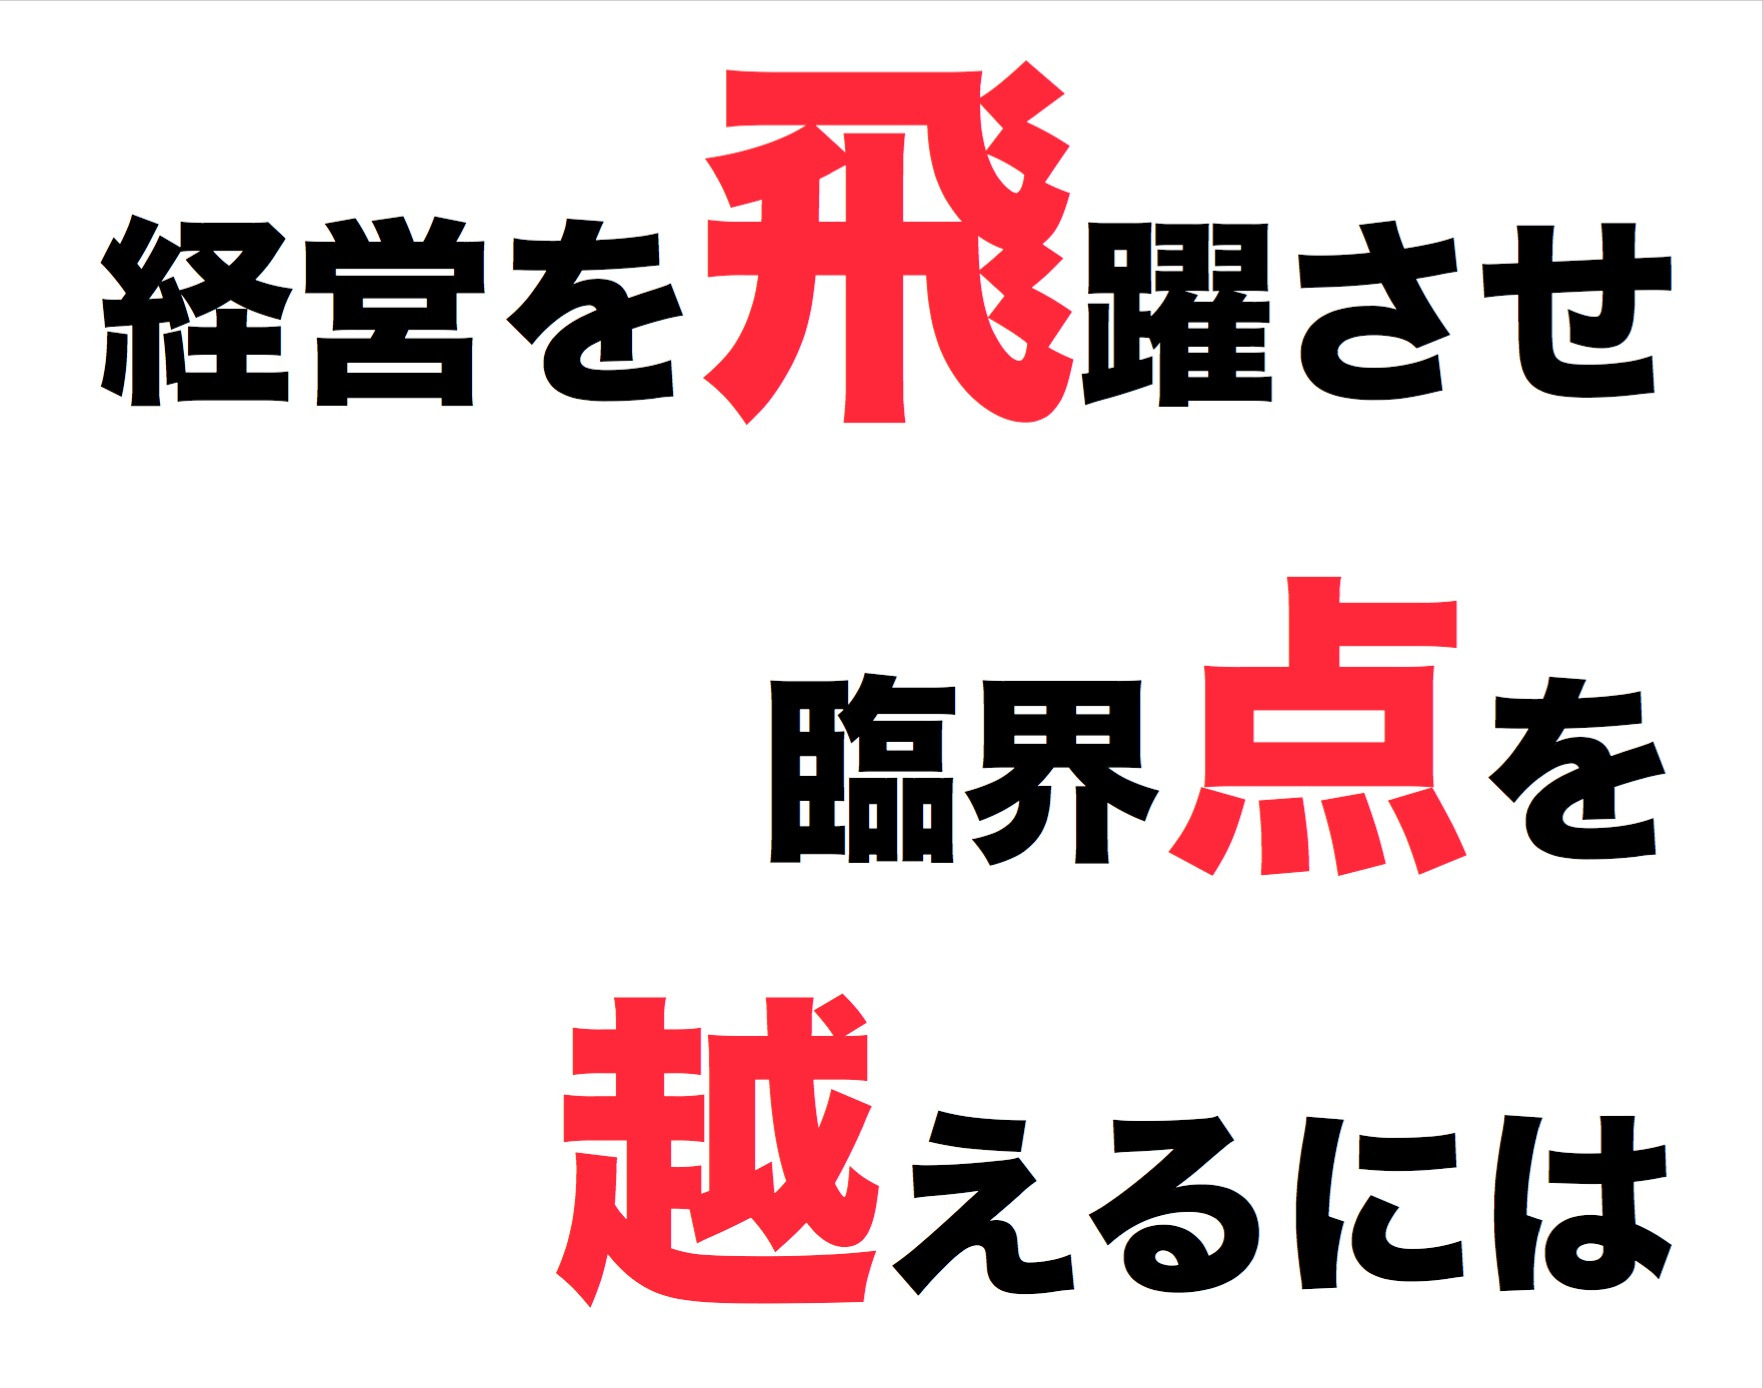 2013年8月ビジネスサークル『 跳ぶ 』~臨界点を超える経営、飛躍するには?~